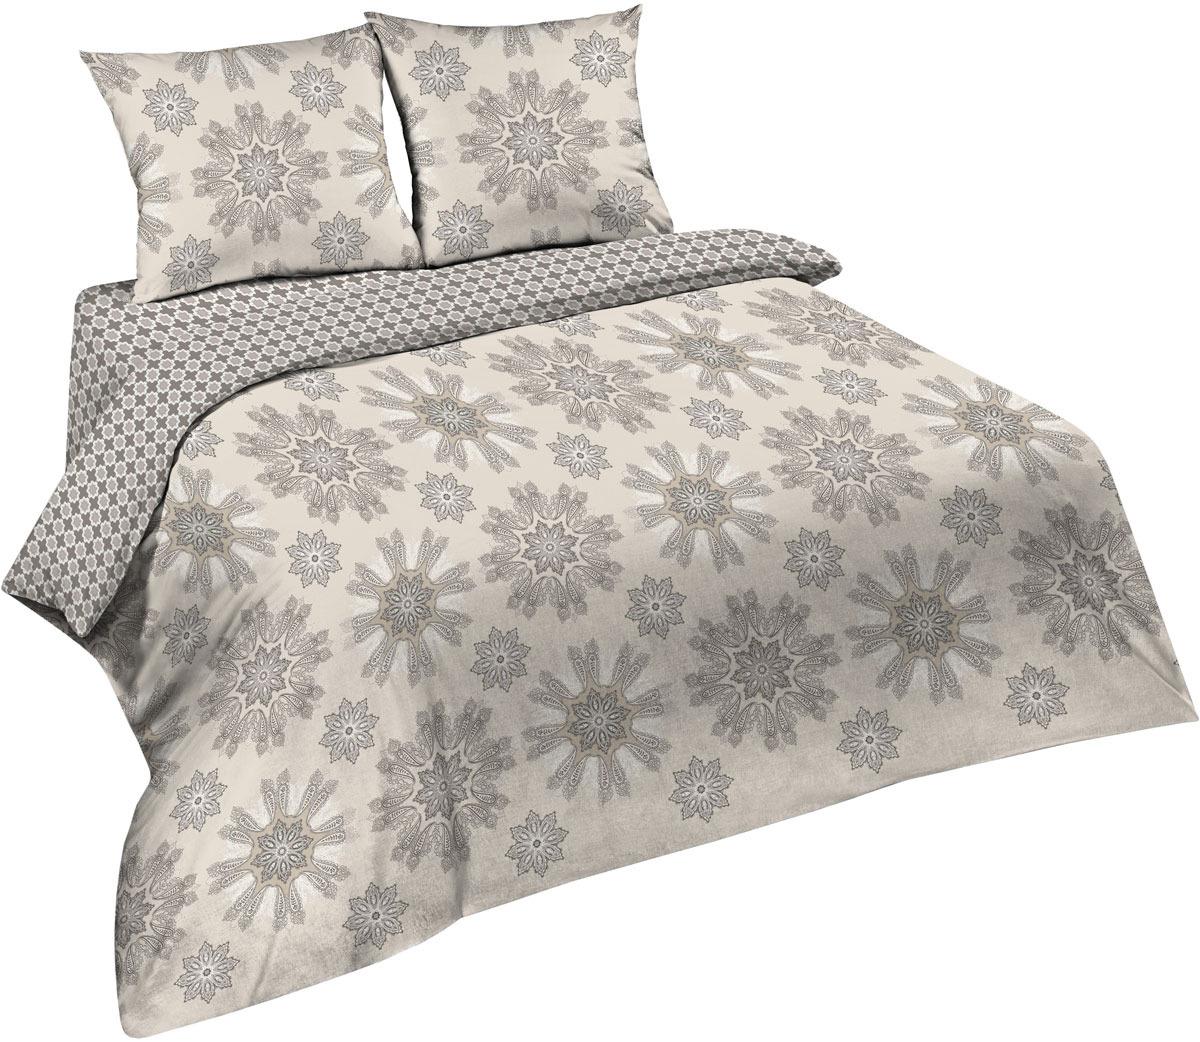 Комплект постельного белья Павлина Простые вещи, евро, наволочки 70x70, цвет: серый комплект постельного белья павлина простые вещи евро наволочки 70x70 цвет коричневый